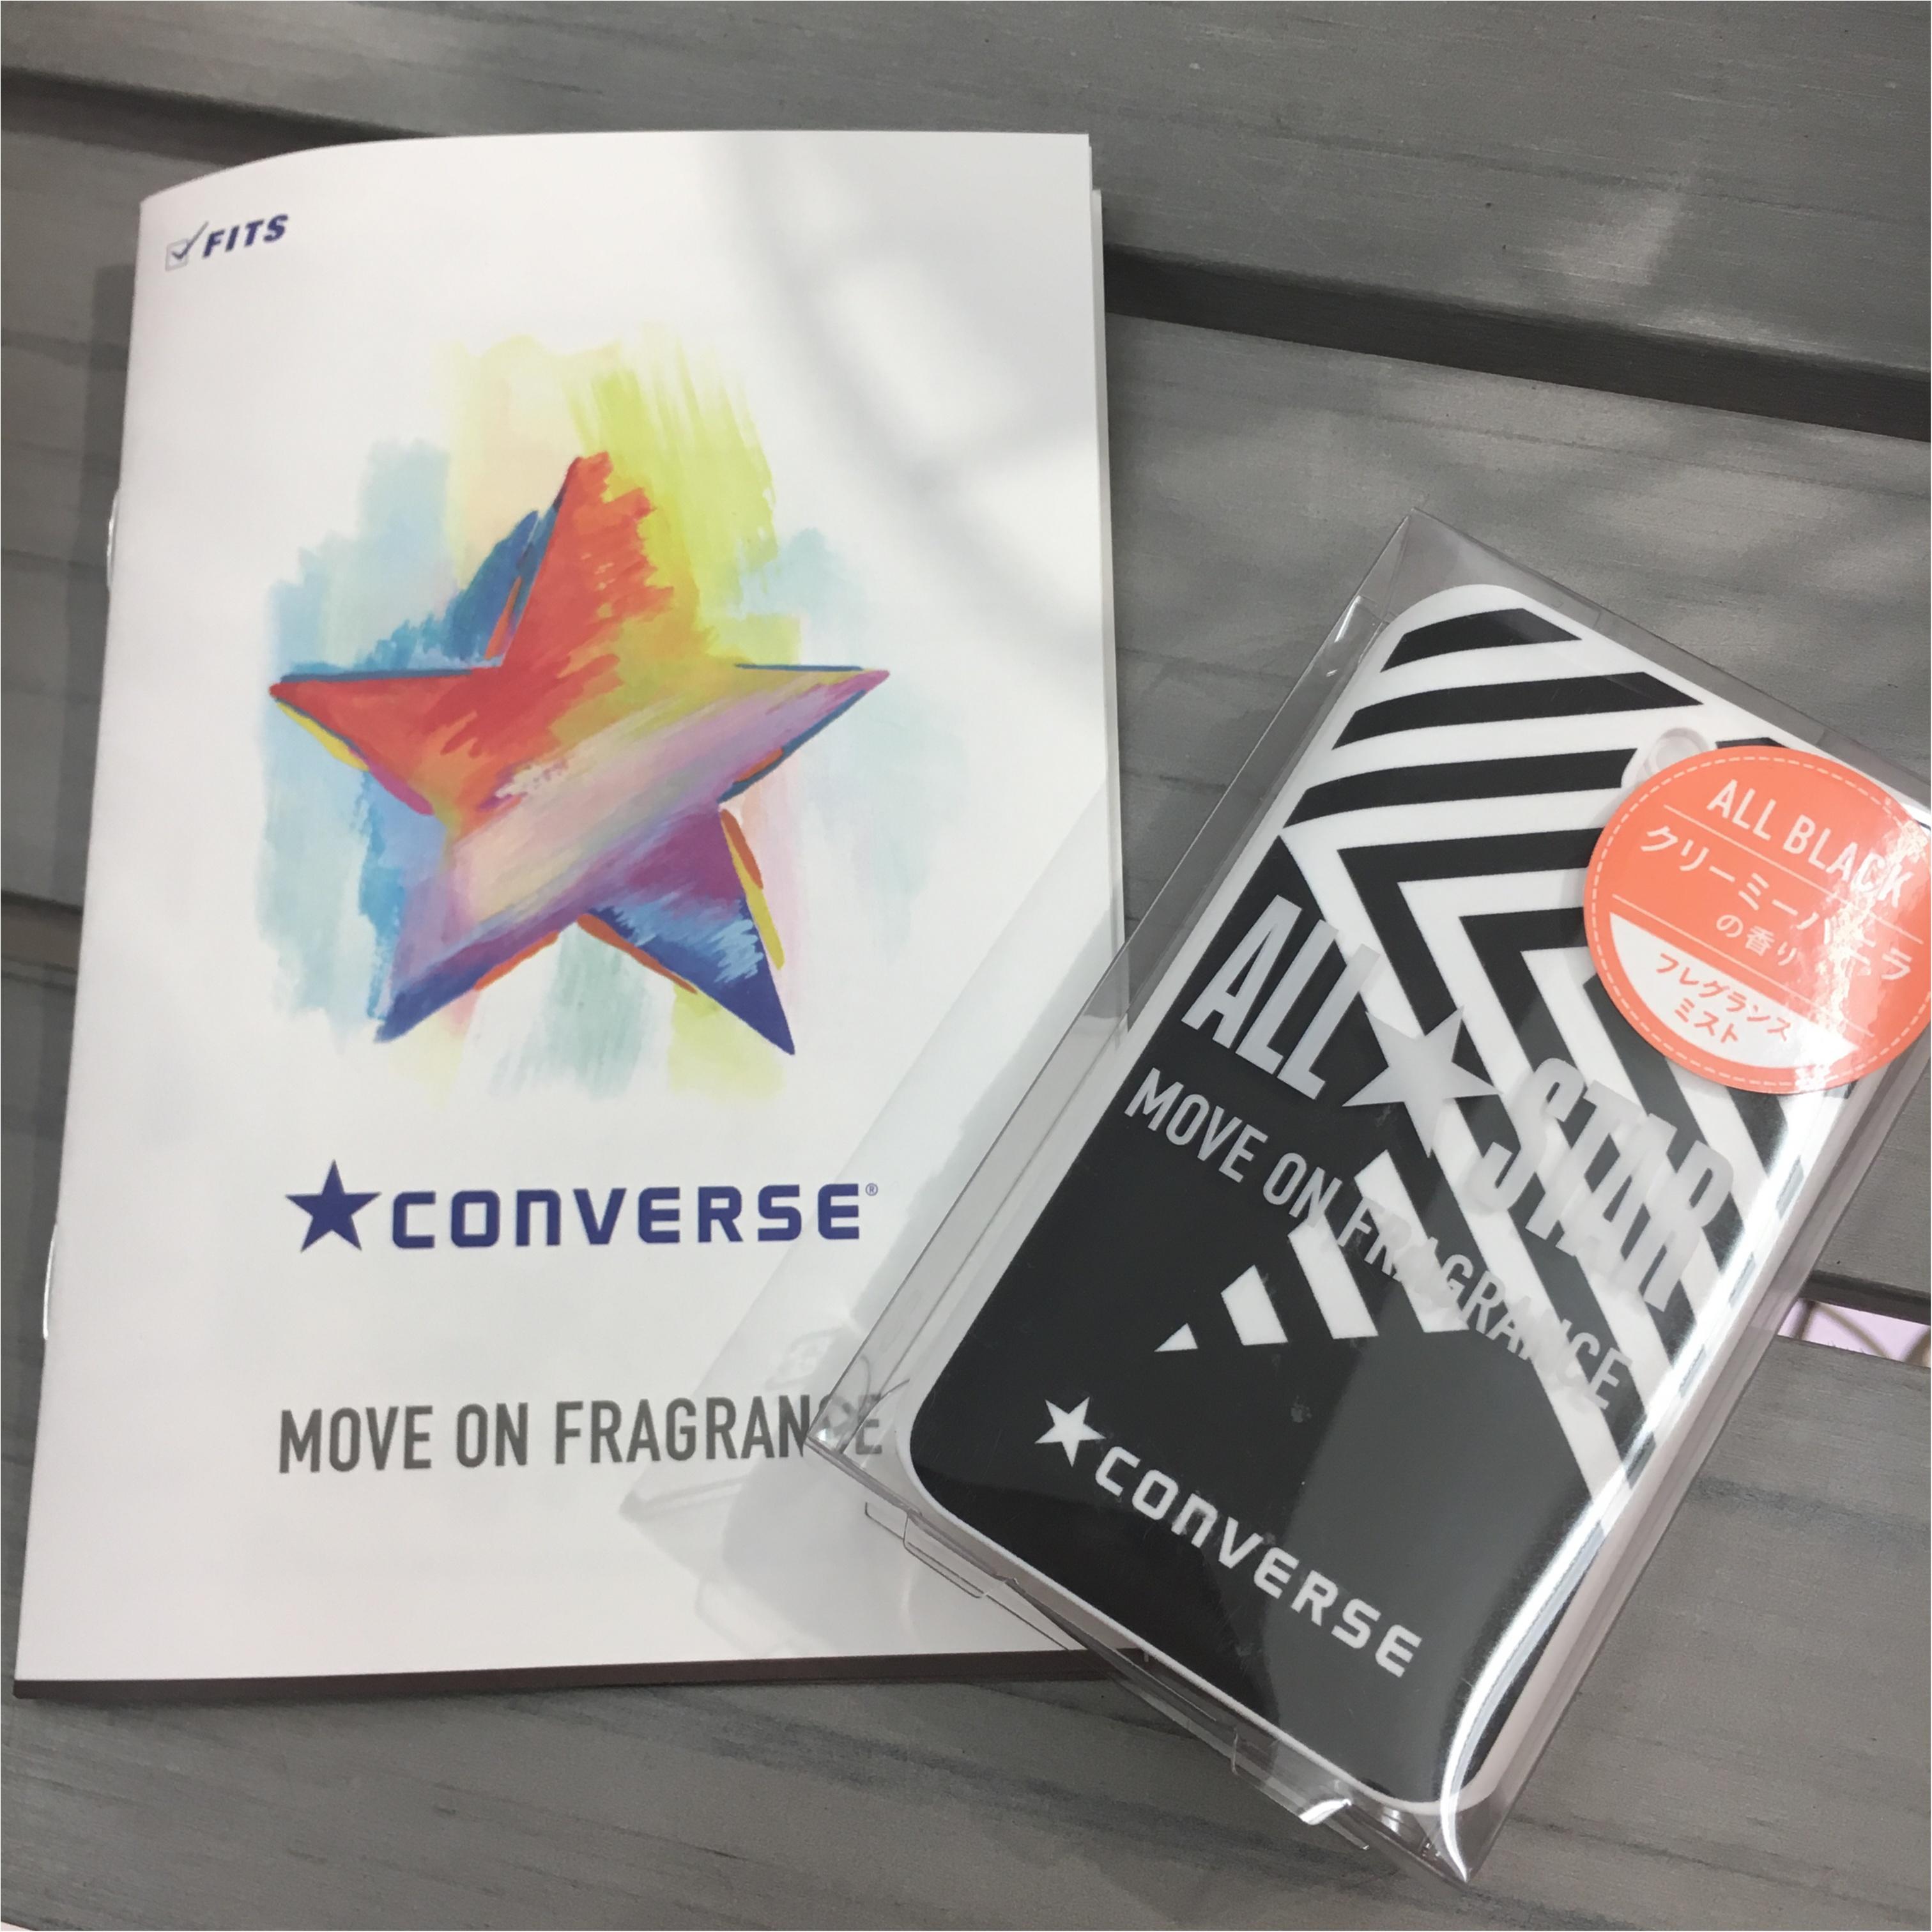 【コンバース】コンバースの香水?!6/22(金)発売の『CONVERSE MOVE ON FRAGRANCE』を早速ゲットしてきました♪_1